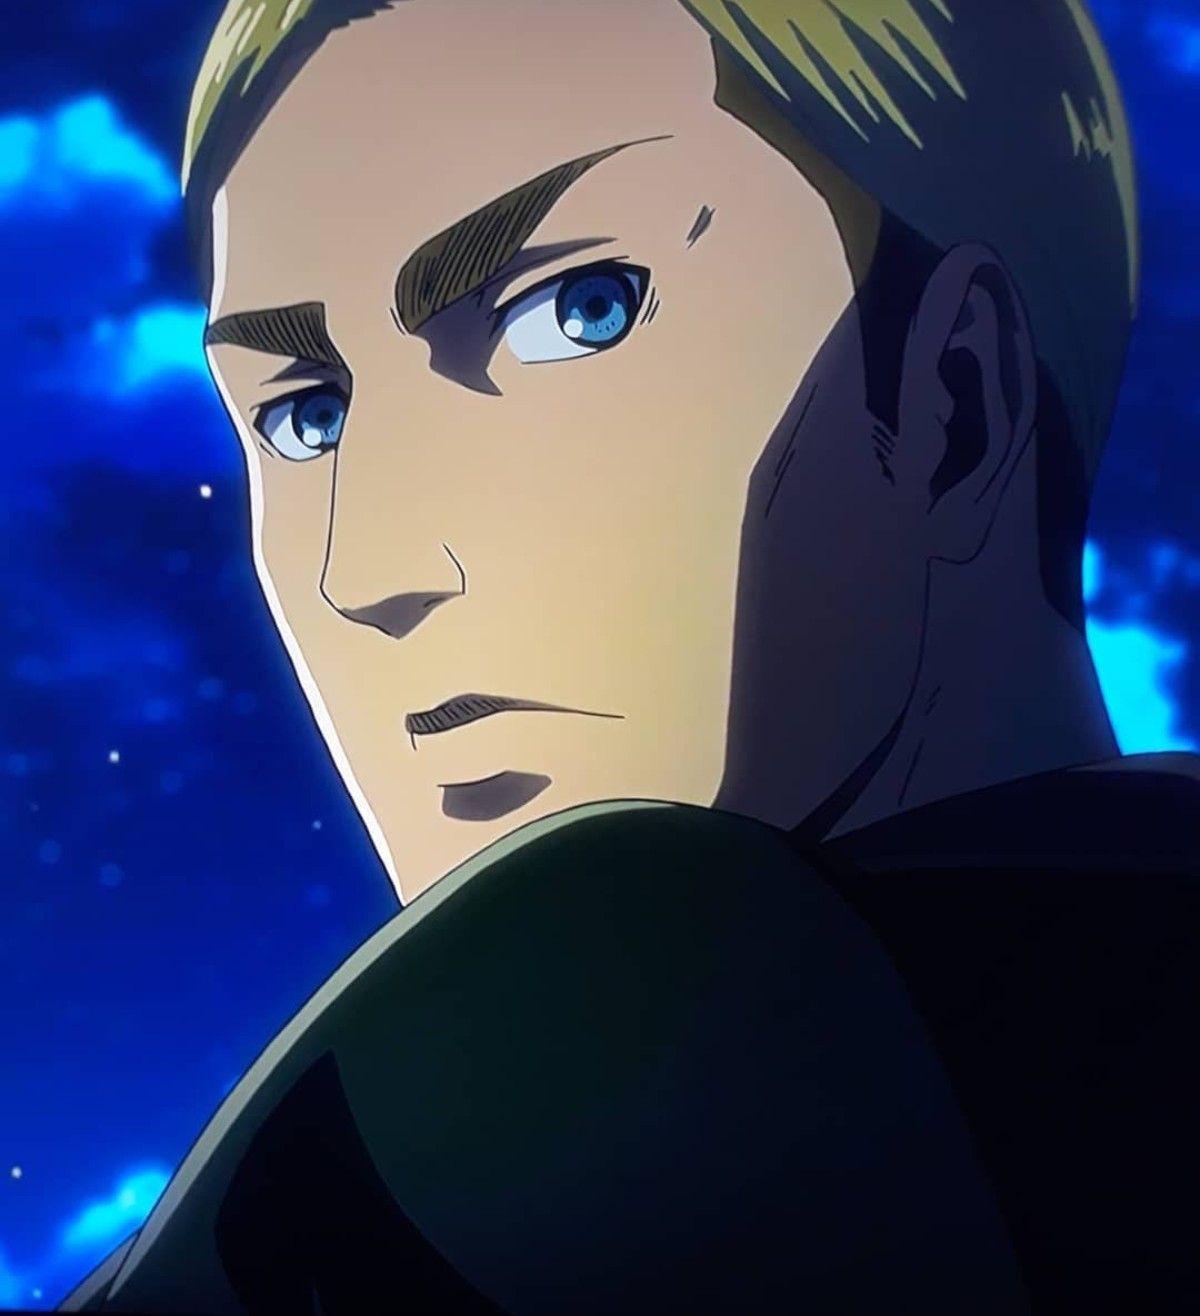 Attack on Titan erwin in 2020 | Attack on titan, Anime, Manga anime